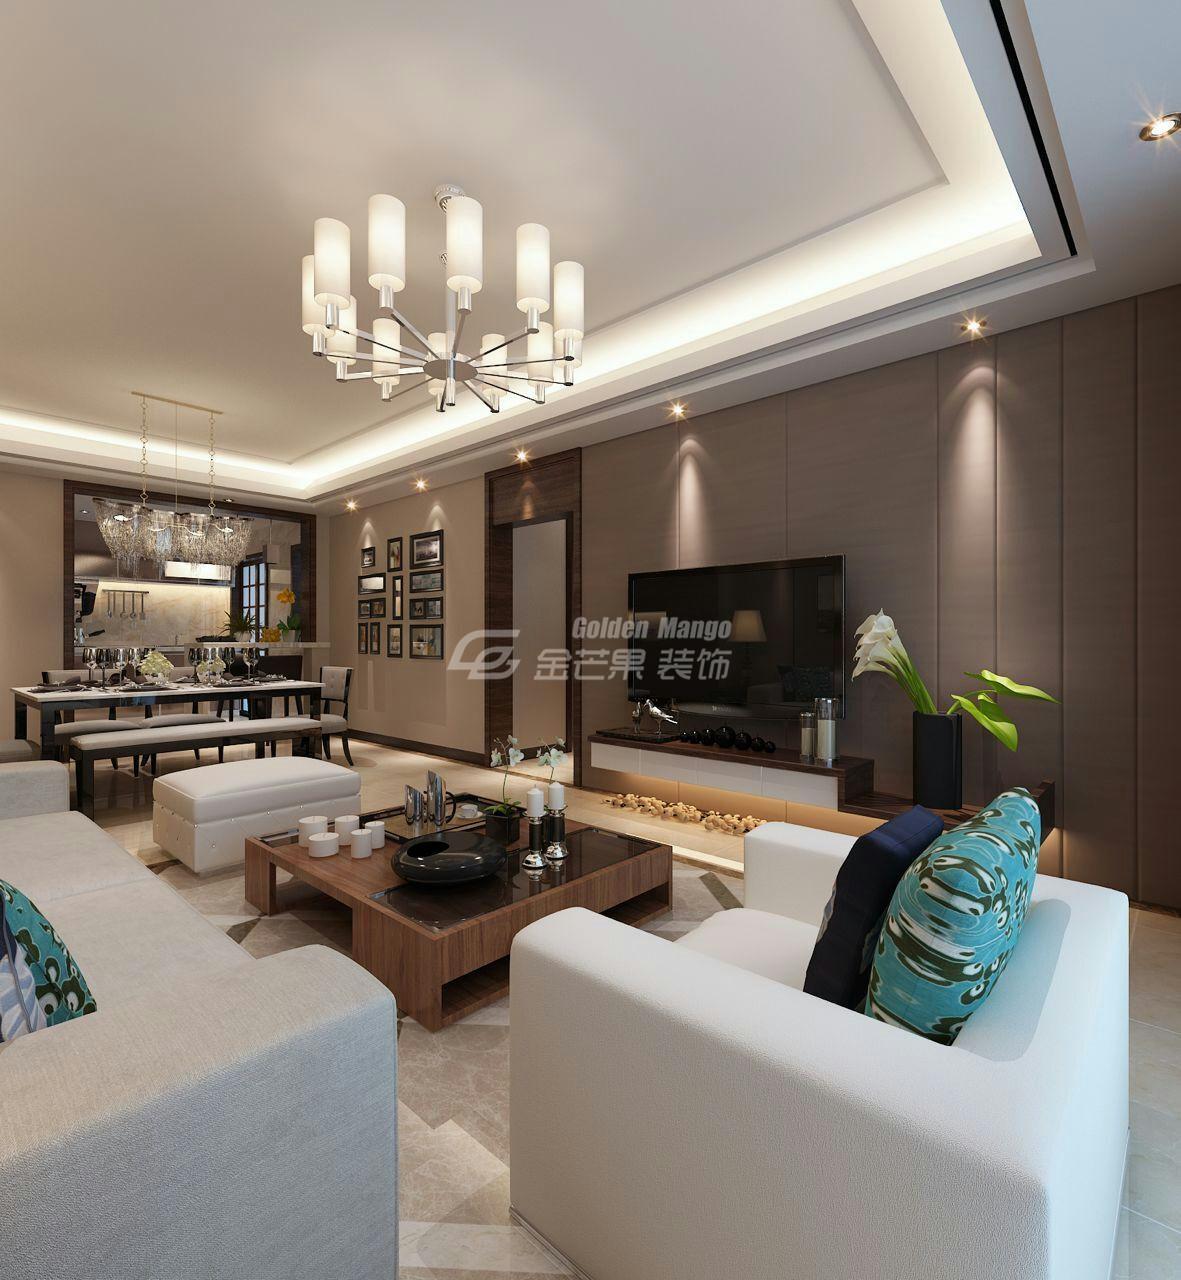 区区30万元,就把163.71平米的四居室装修拿下了,真是出乎意料!-绿城春江明月装修